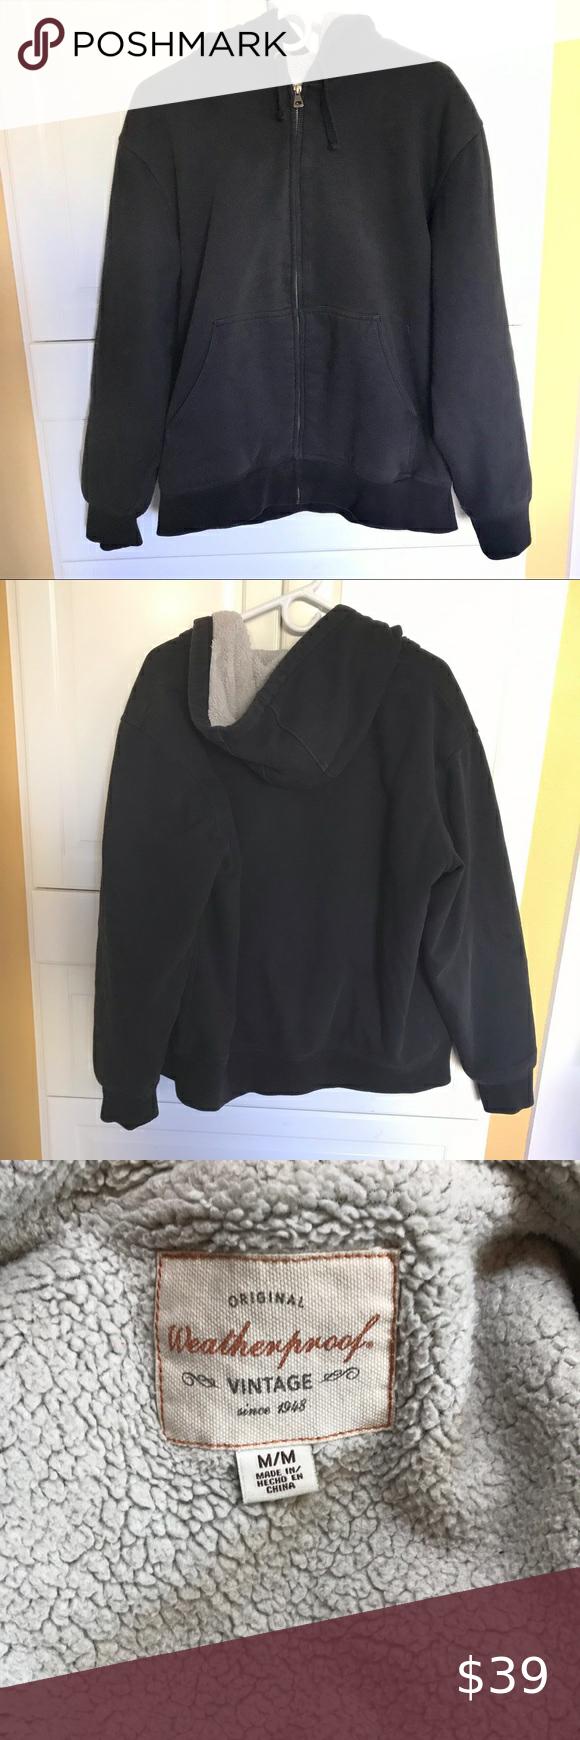 Weatherproof Vintage Black Zip Up Hoodie Jacket M Men S Original Weatherproof Vintage Since 1948 Black Zip Up Hoodie In 2020 Black Zip Ups Hoodie Jacket Vintage Shirts